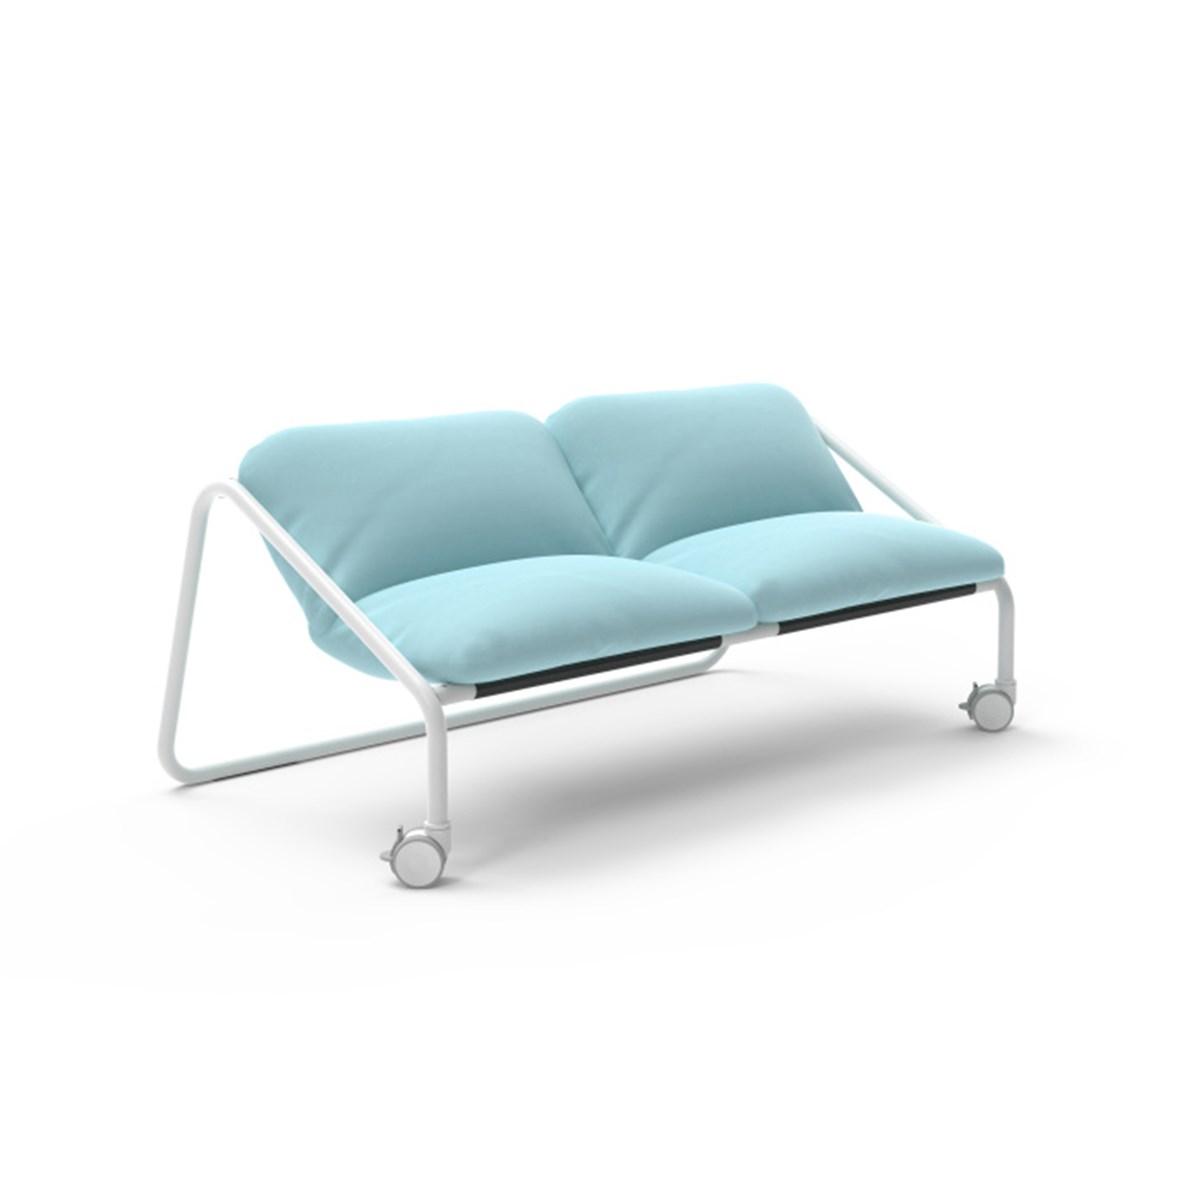 Sedus-Se:lab-Sofa-Matisse-1